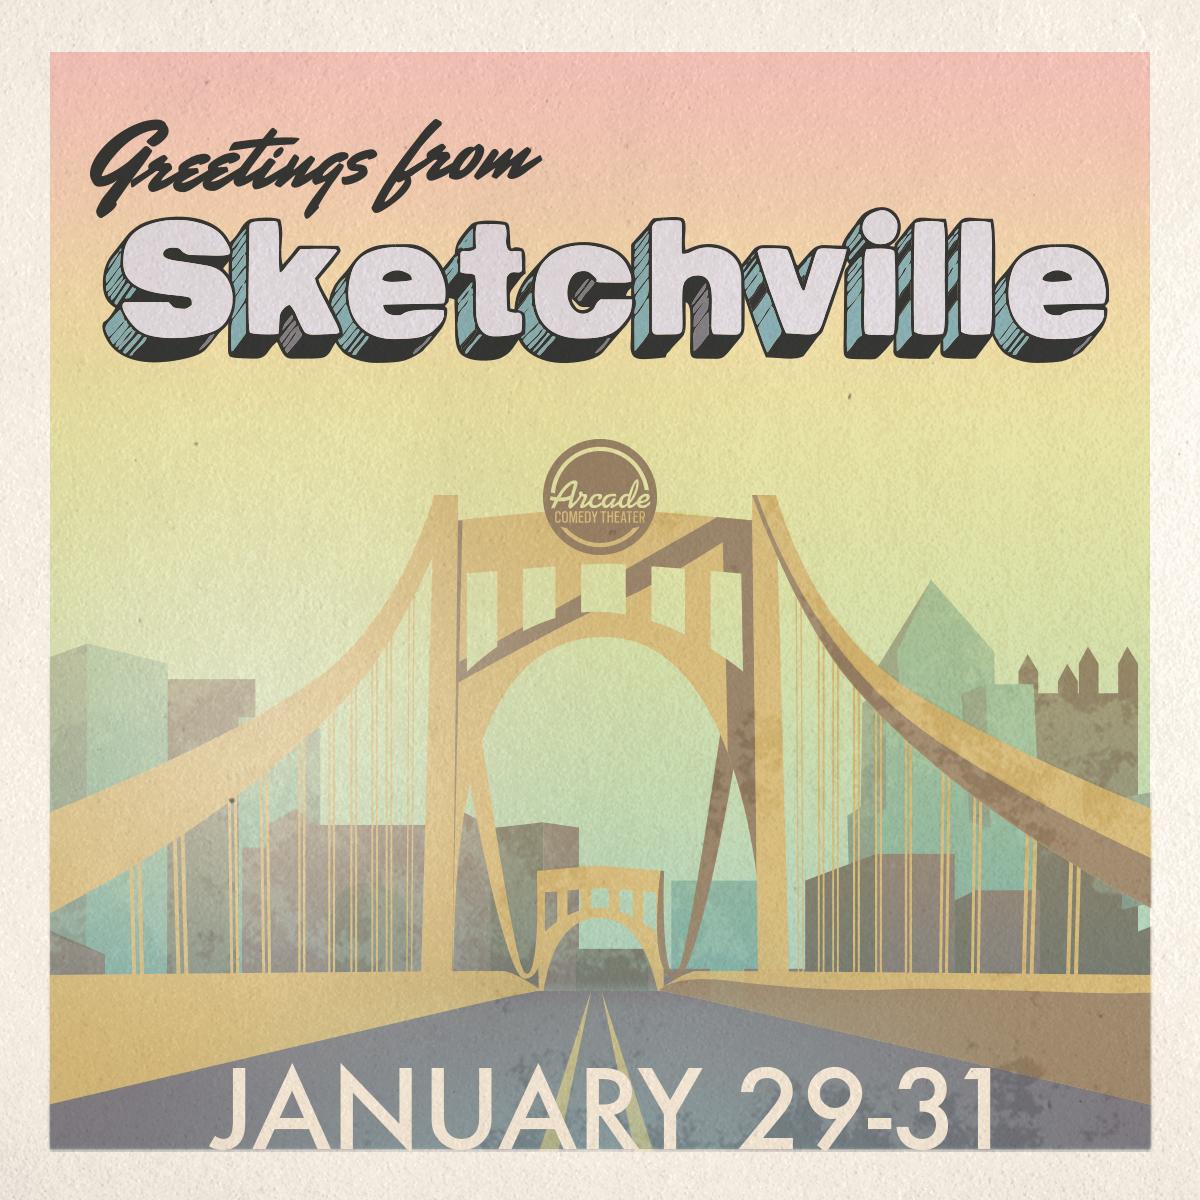 Sketchville Facebook Ad